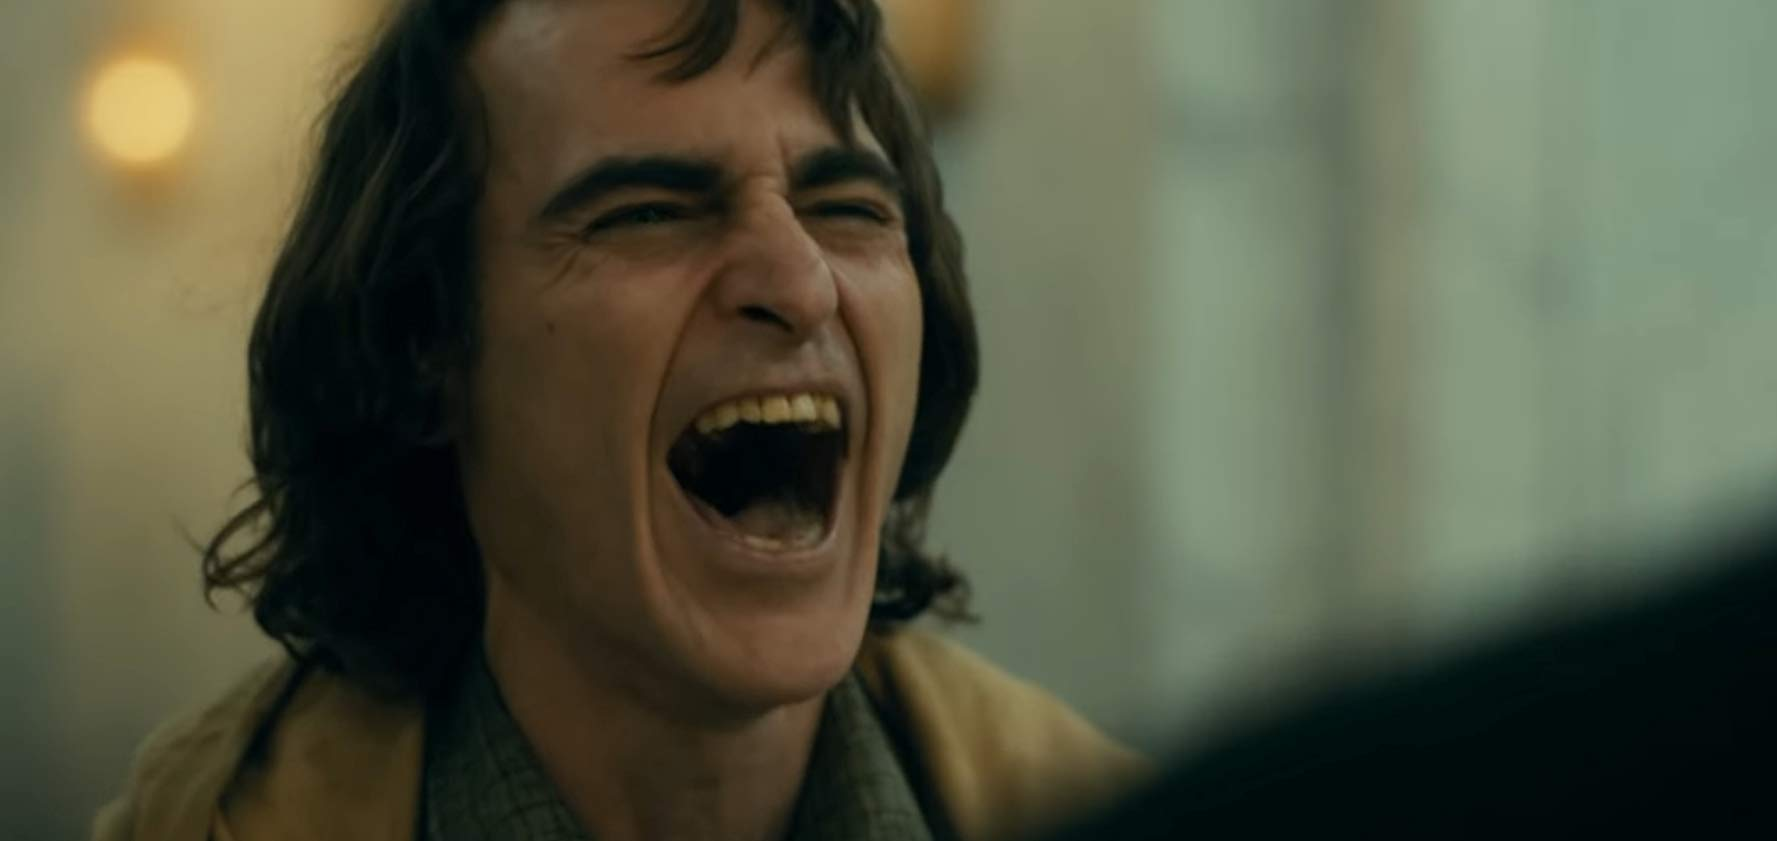 ホアキン・フェニックスの演技がすごすぎ!特に笑いの演技